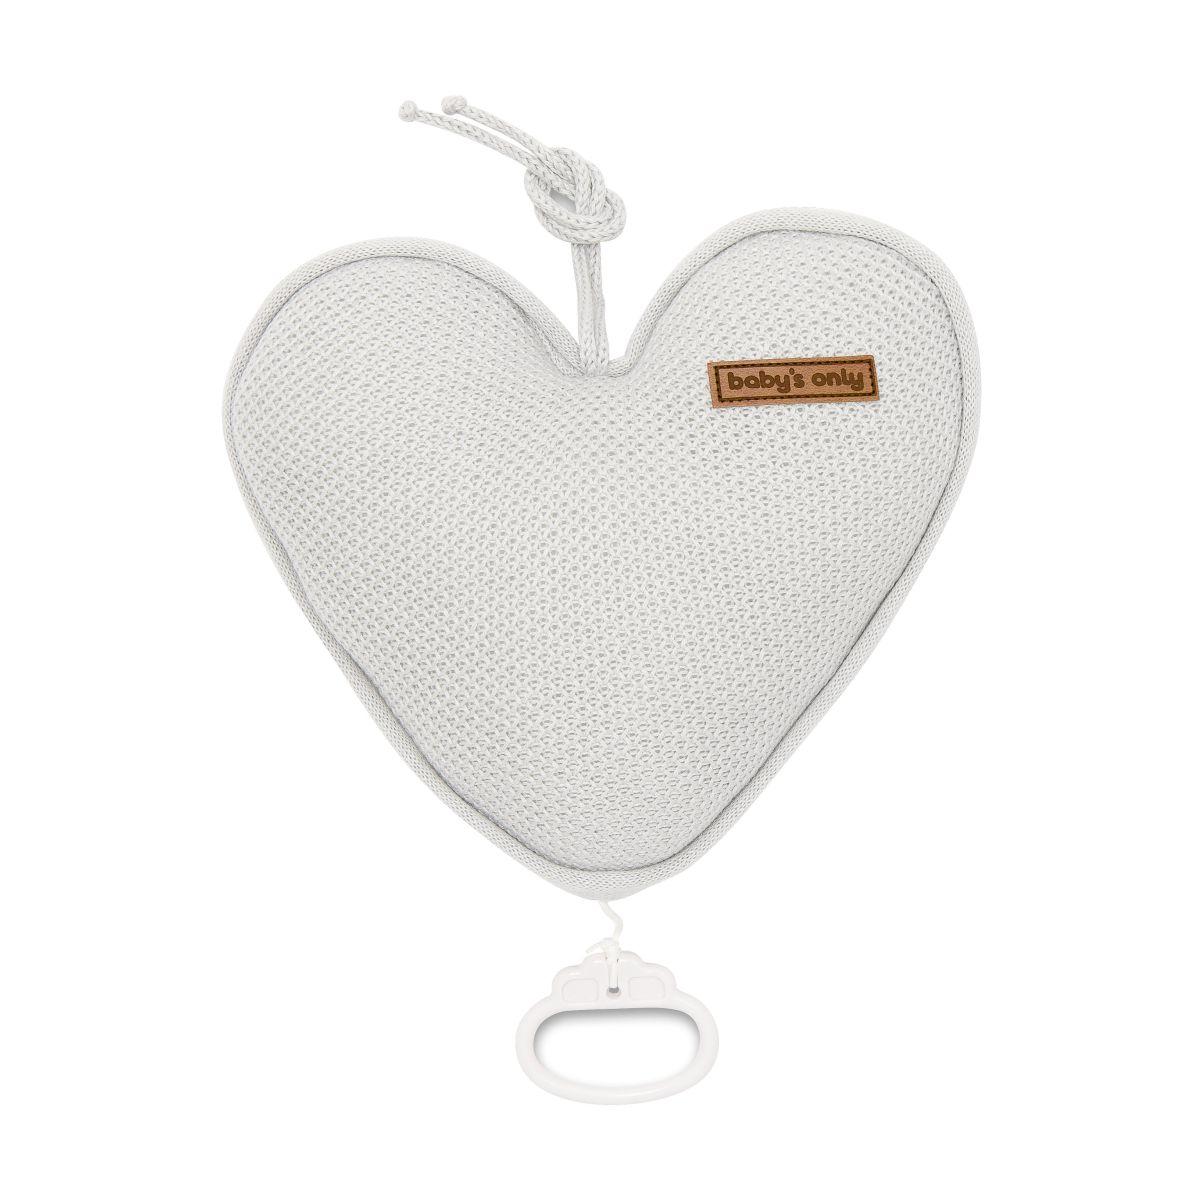 babys only 0204602 muziekdoos hart classic zilvergrijs